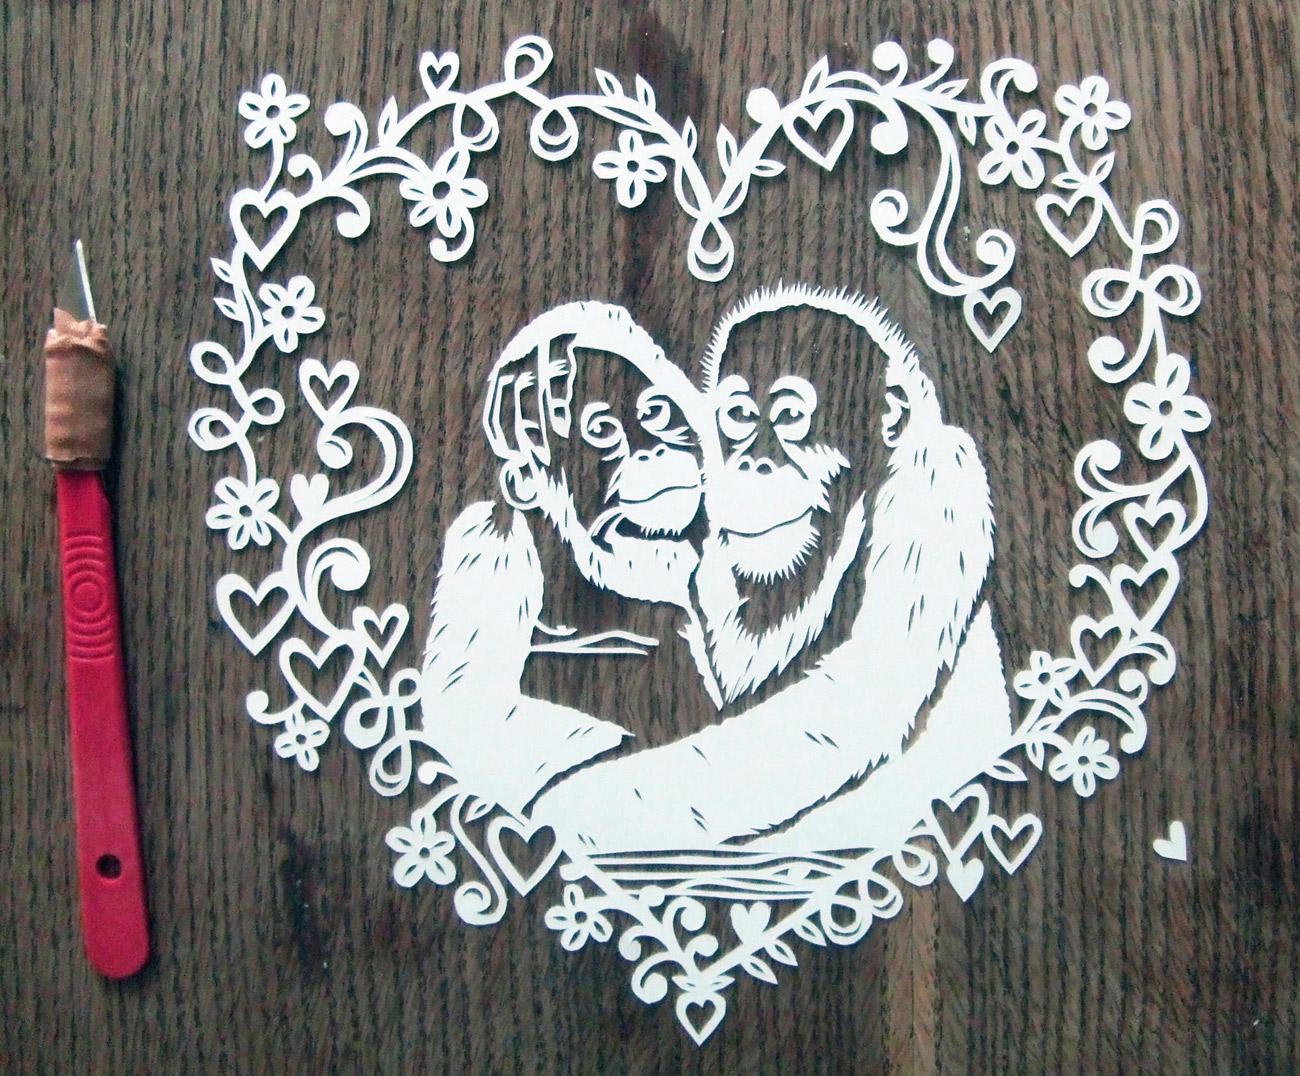 papercut portrait illustration of two monkeys love